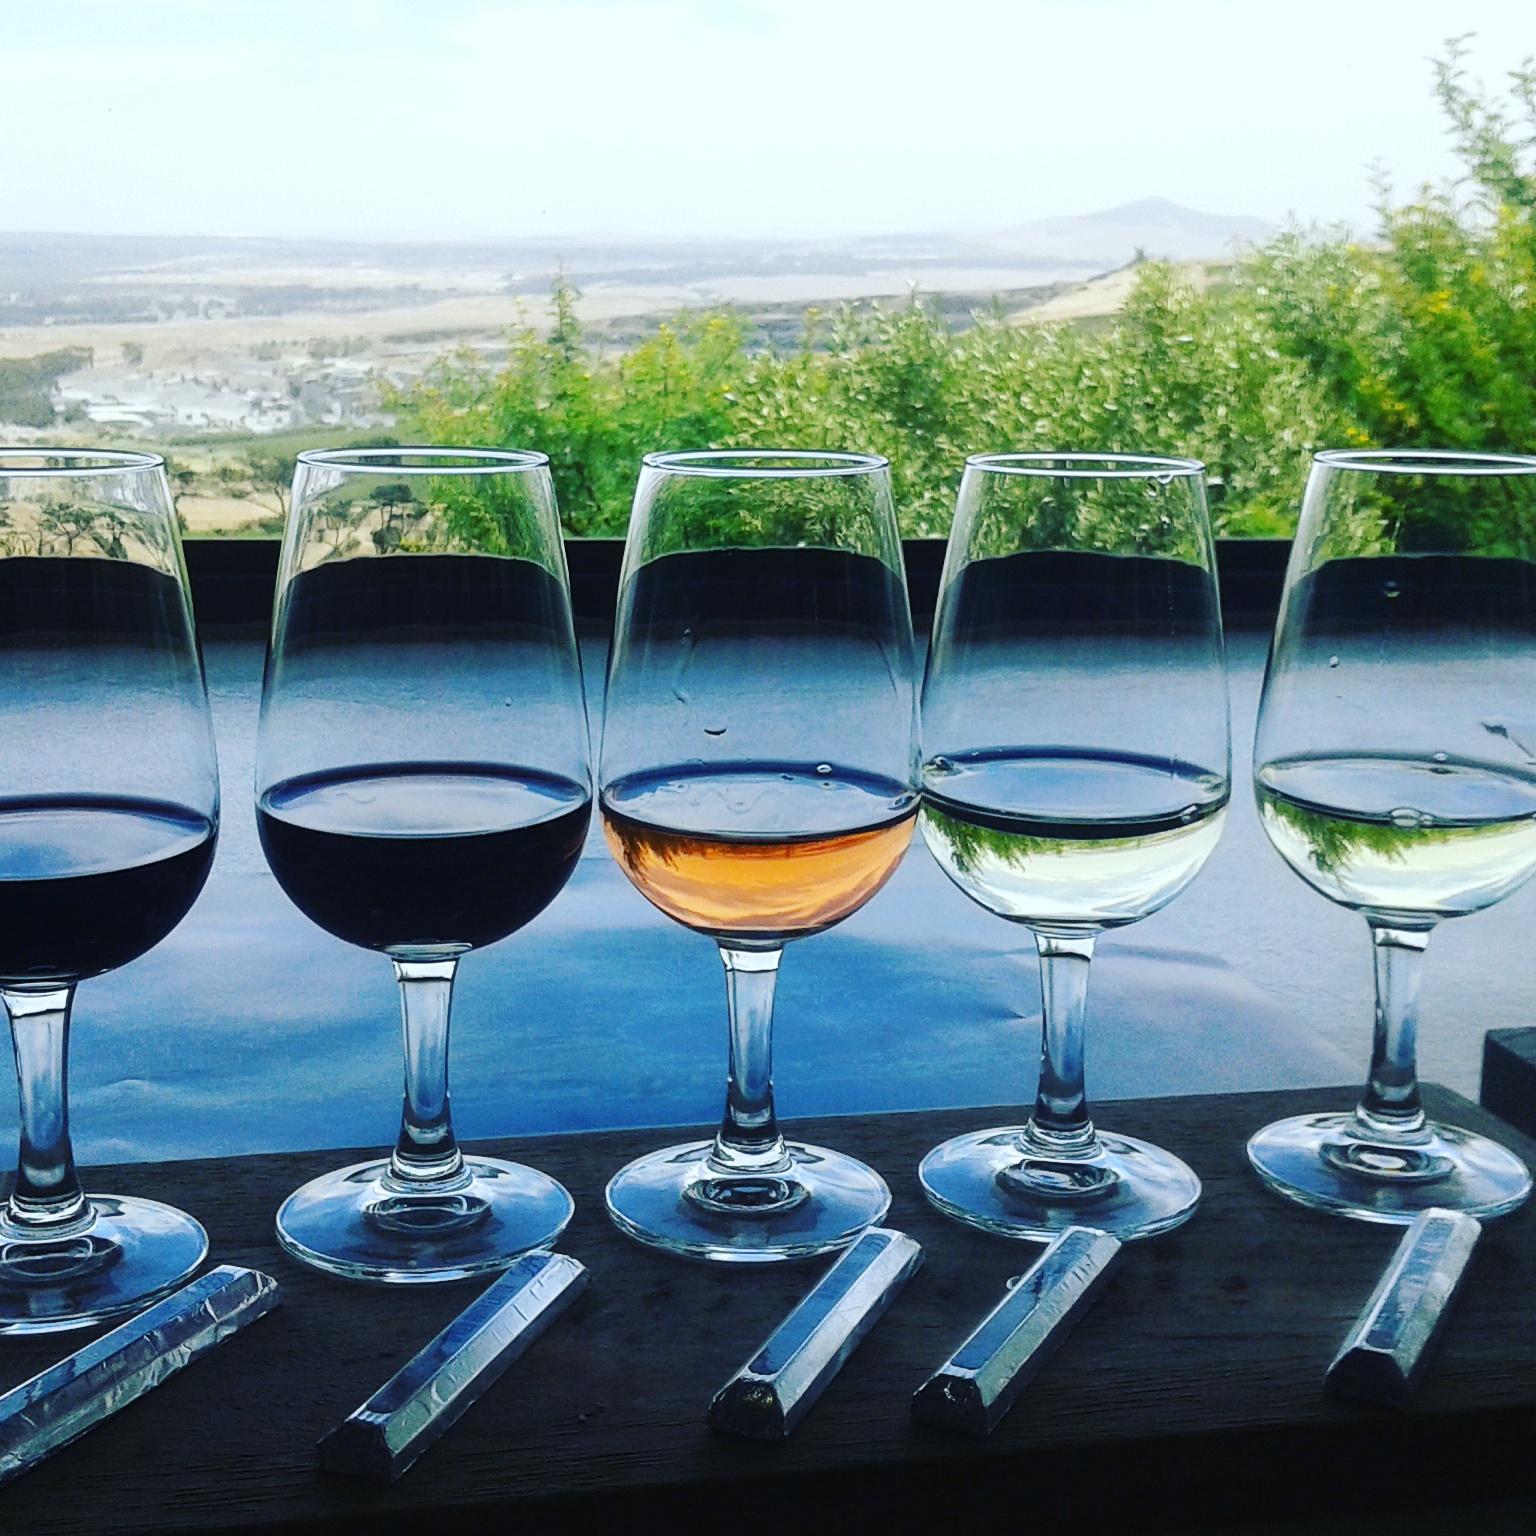 découvrir le vin sudafricain et les vignobles dans la région du cap